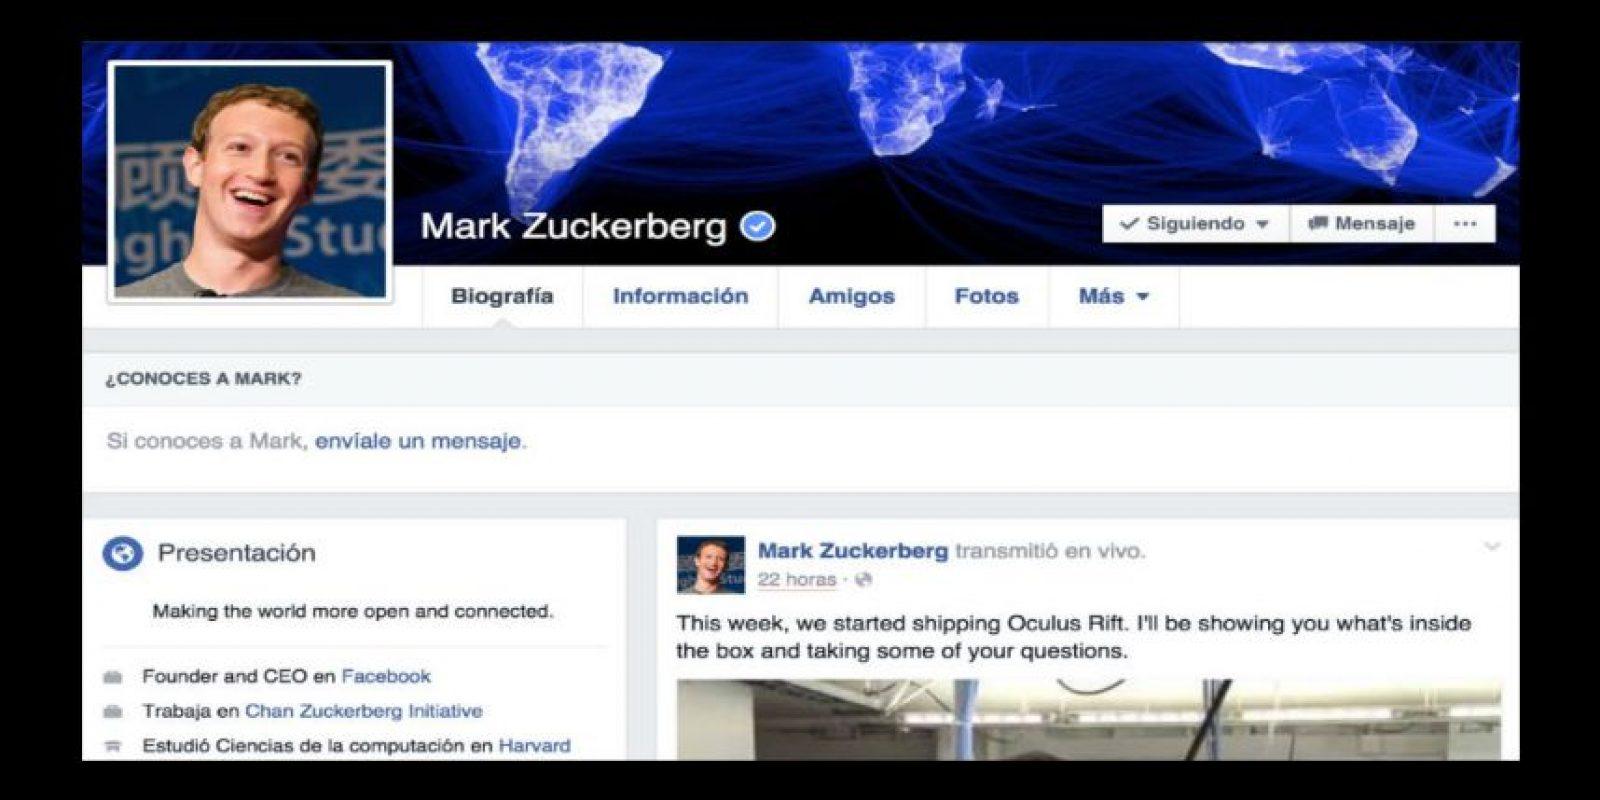 En 2010, el Comité Español de Representantes de Personas con Discapacidad (Cermi) exigió a Zuckerberg que hiciera la red social más amigable para personas discapacitadas. Foto:Facebook